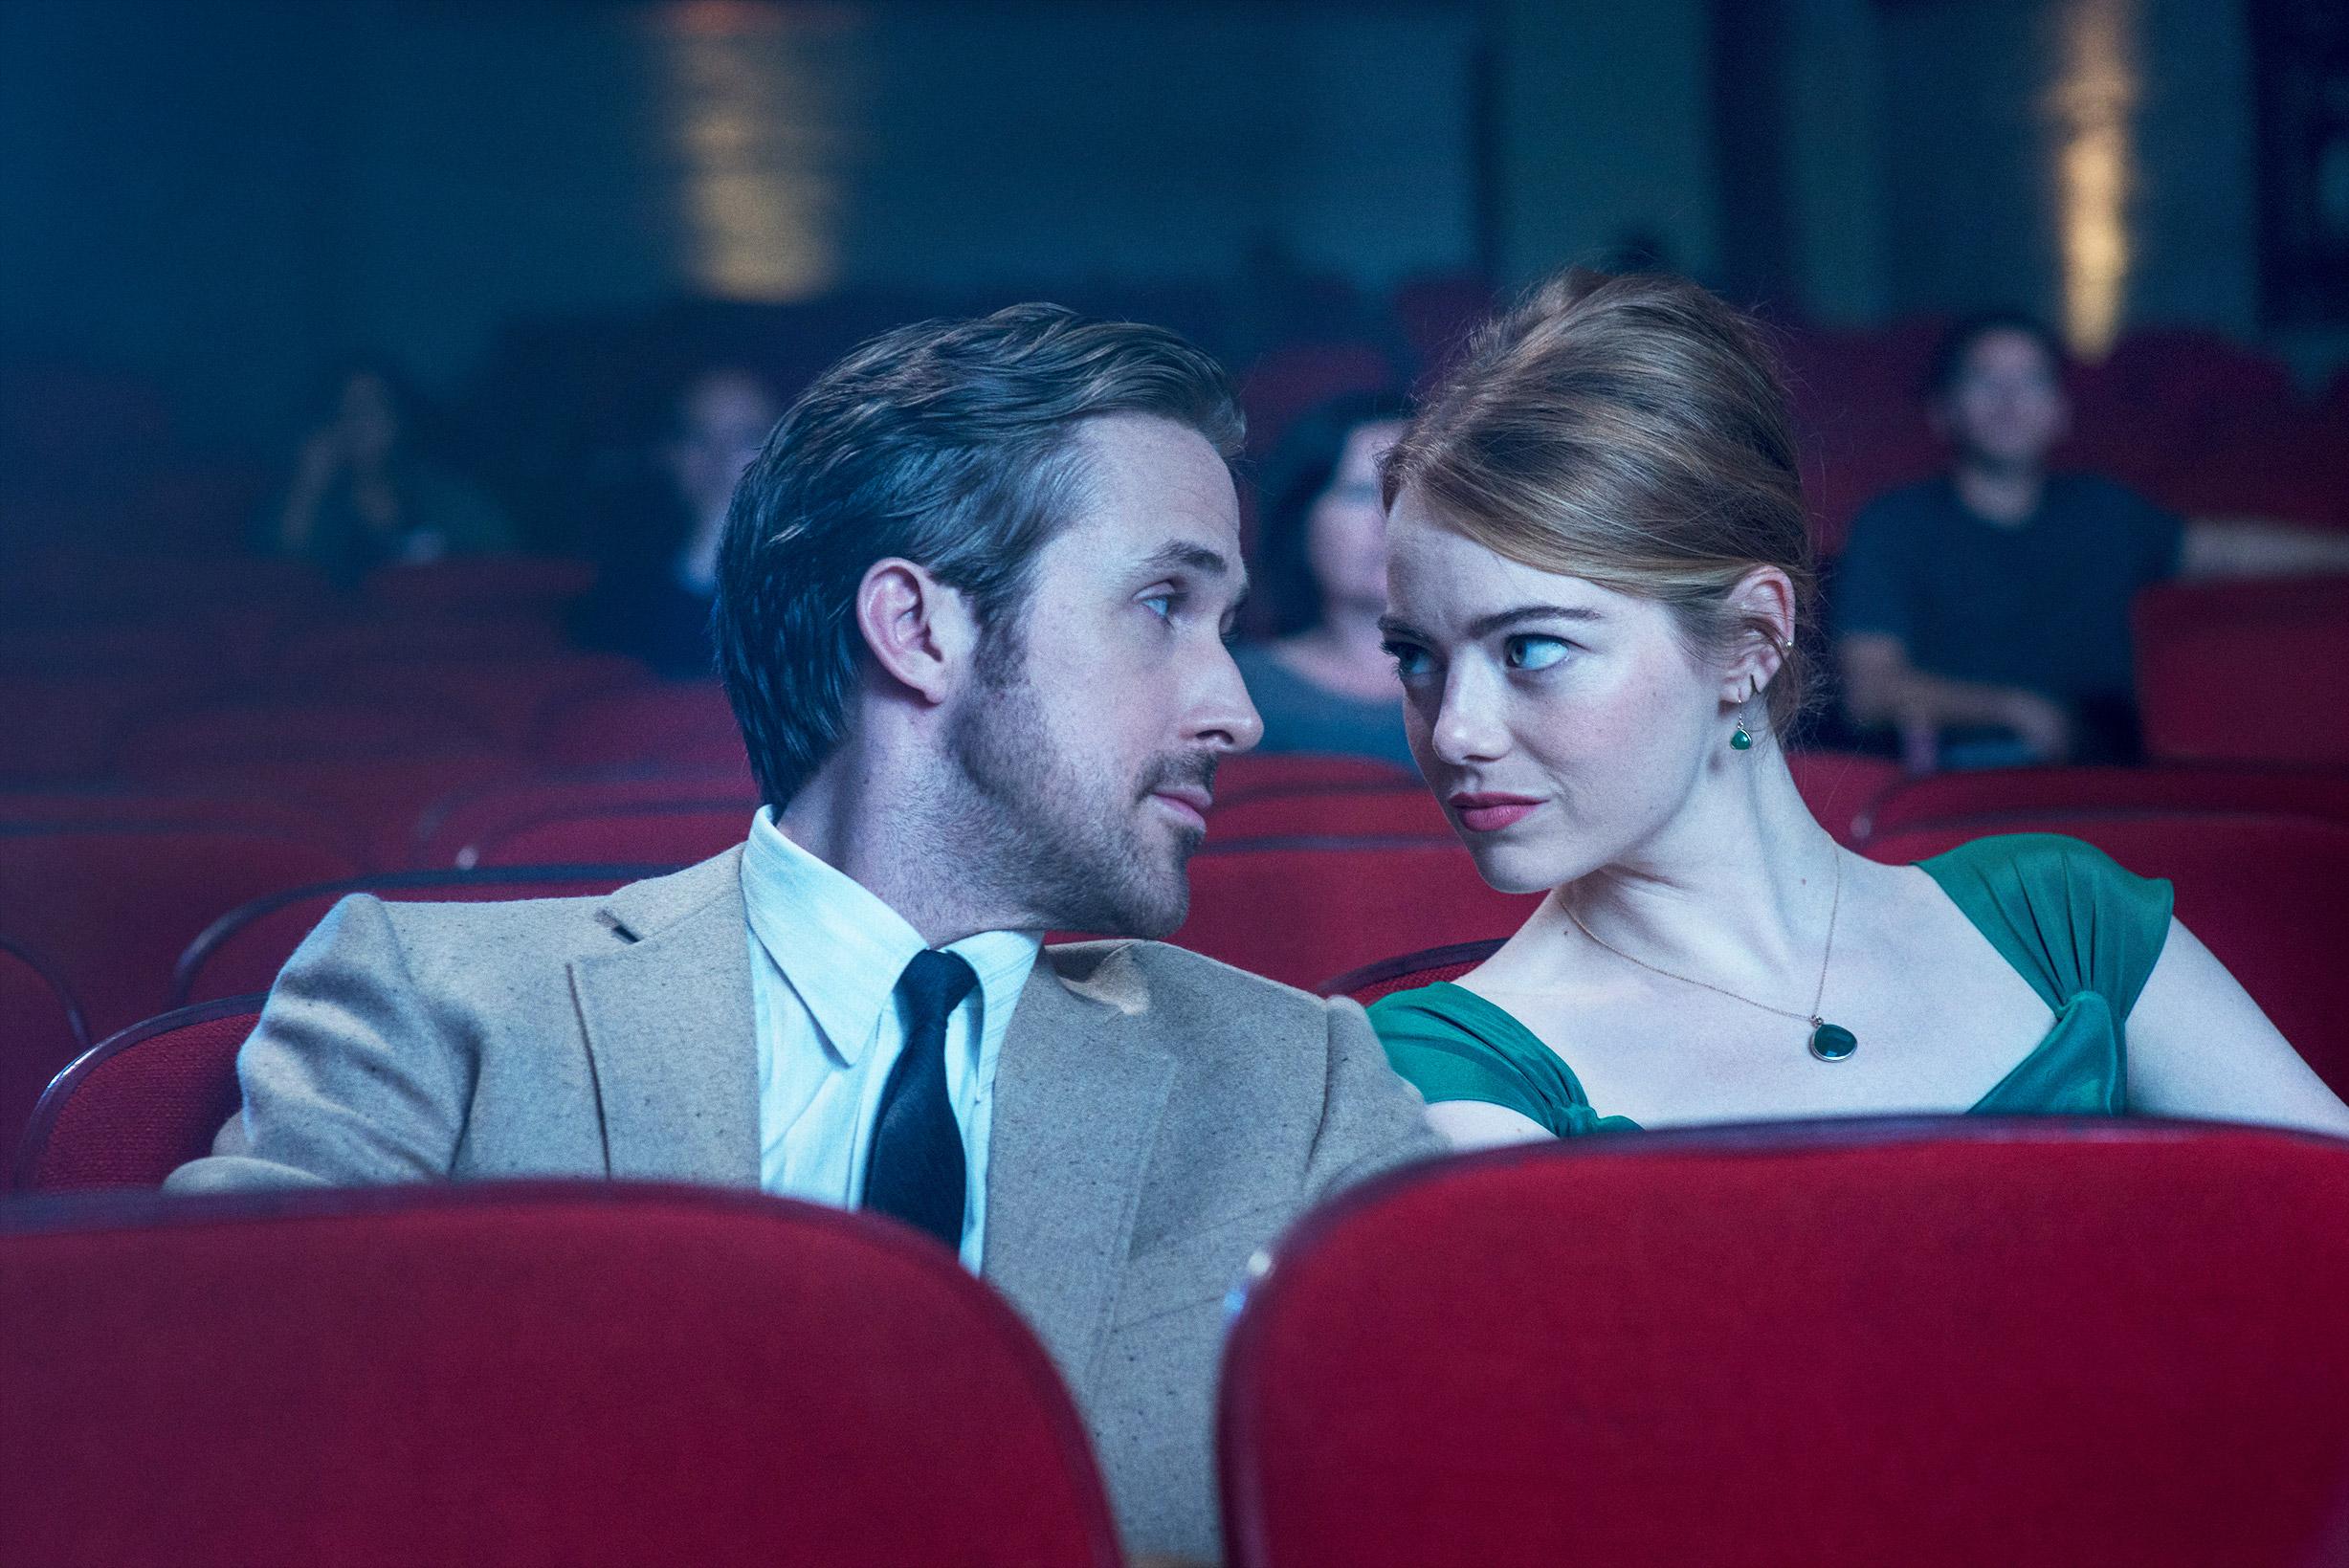 La La Land (2016) - Directed by: Damien ChazelleWritten by: Damien Chazelle